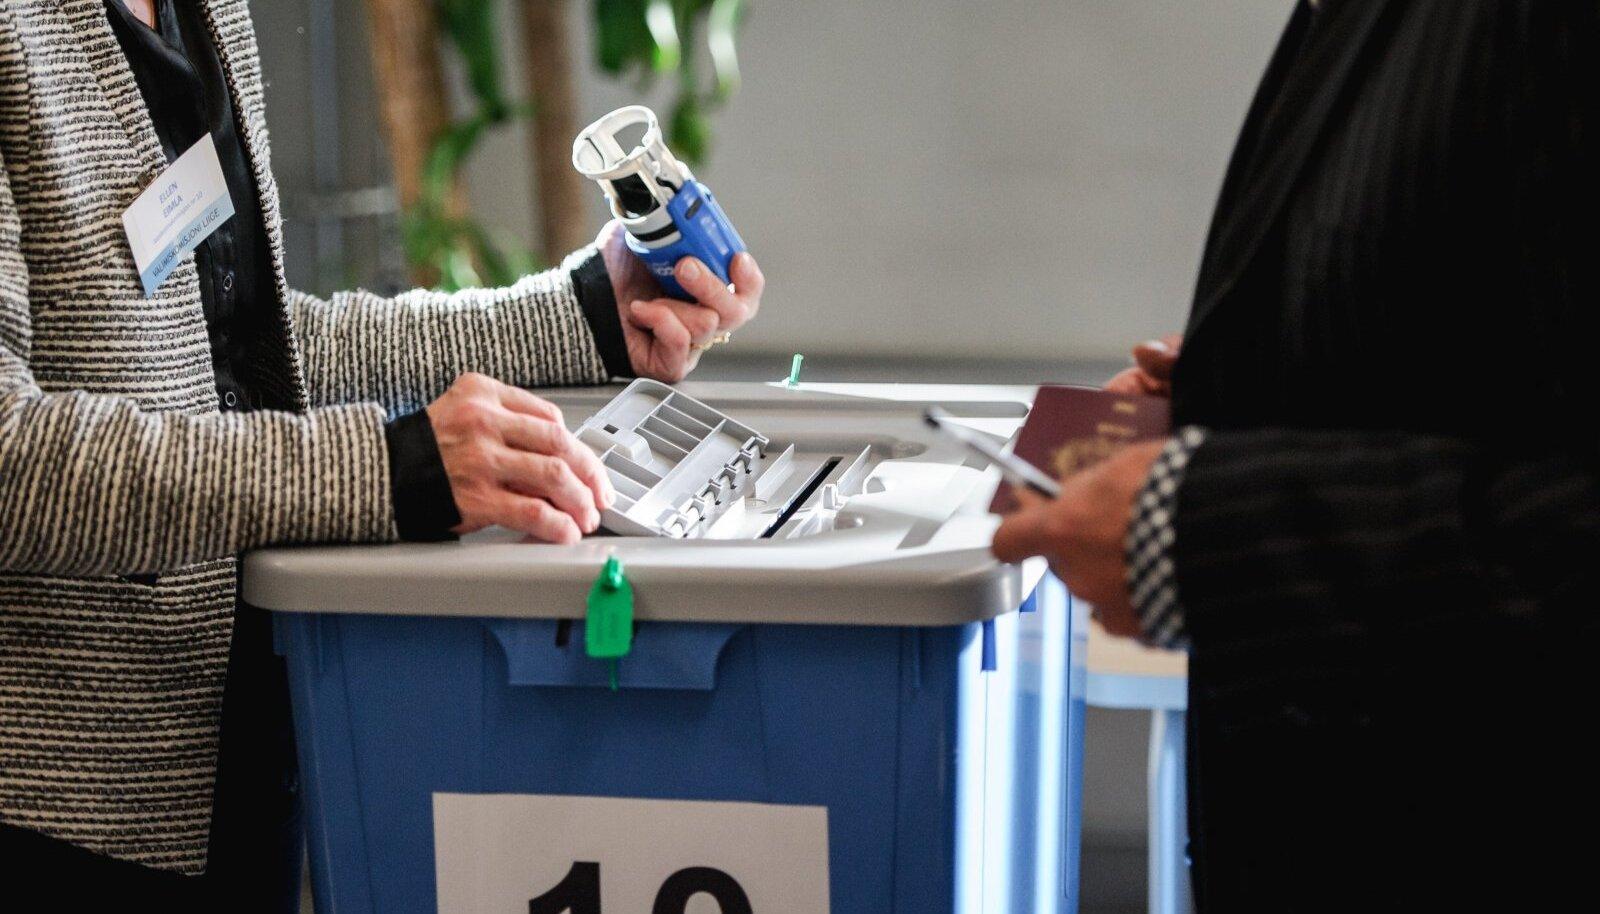 Tulevikus võib avaneda KOV-valimiste kõrvale teisigi võimalusi kohalikus elus kaasa rääkida